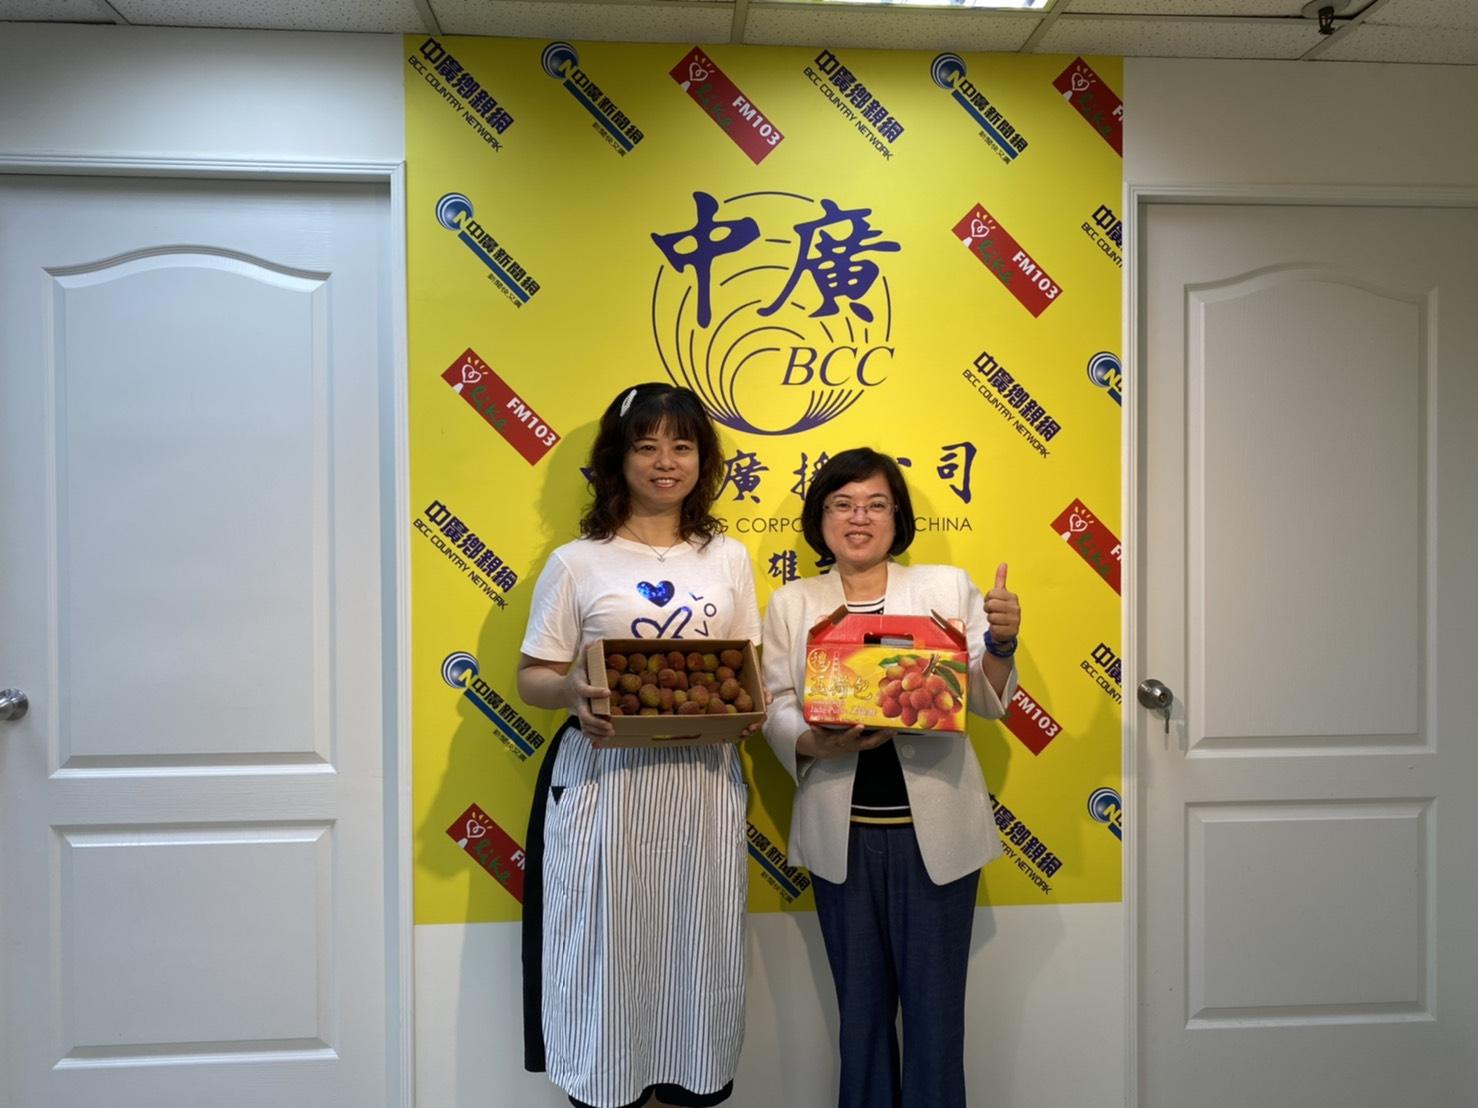 109年5月26日汪區長至中廣接受專訪並行銷大樹農特產品,也邀請大家5月30日來参加「大樹活荔旺」活動